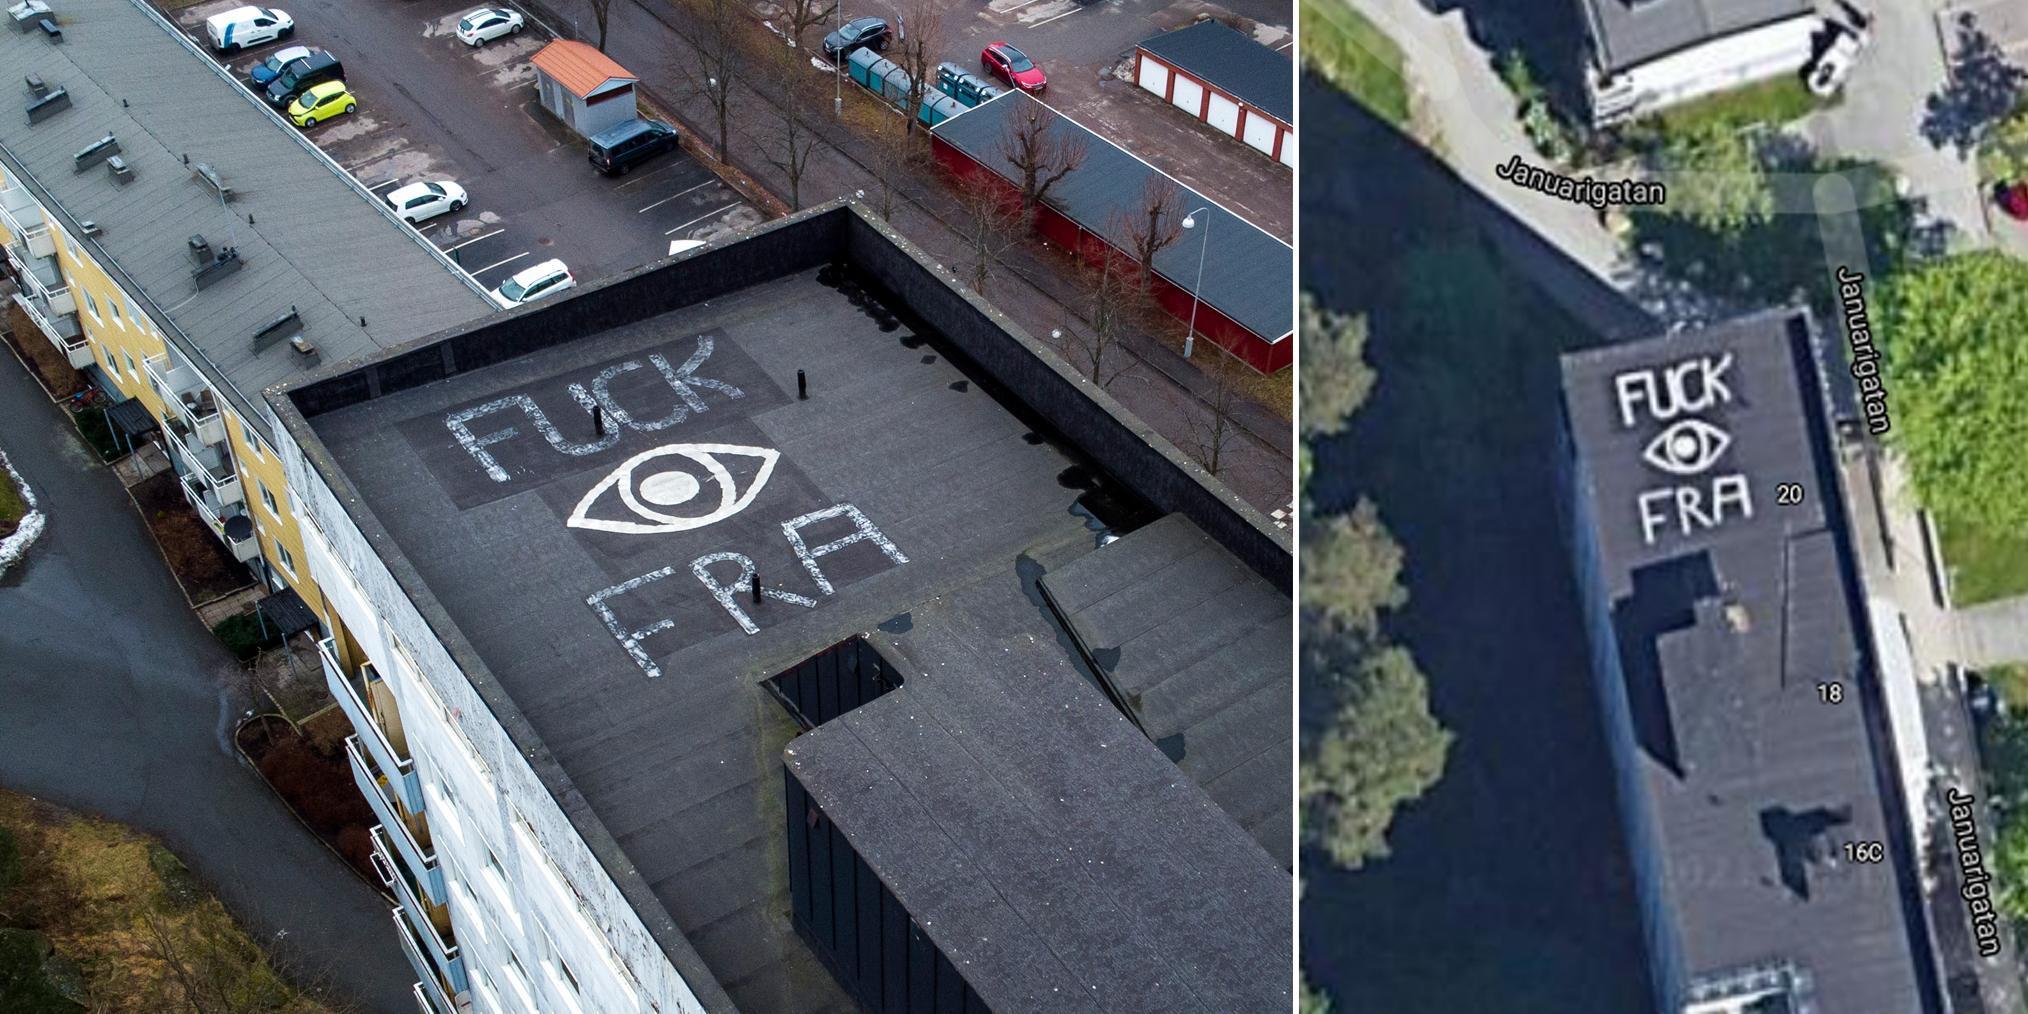 Kritiskt budskap mot FRA på hustak i Kortedala